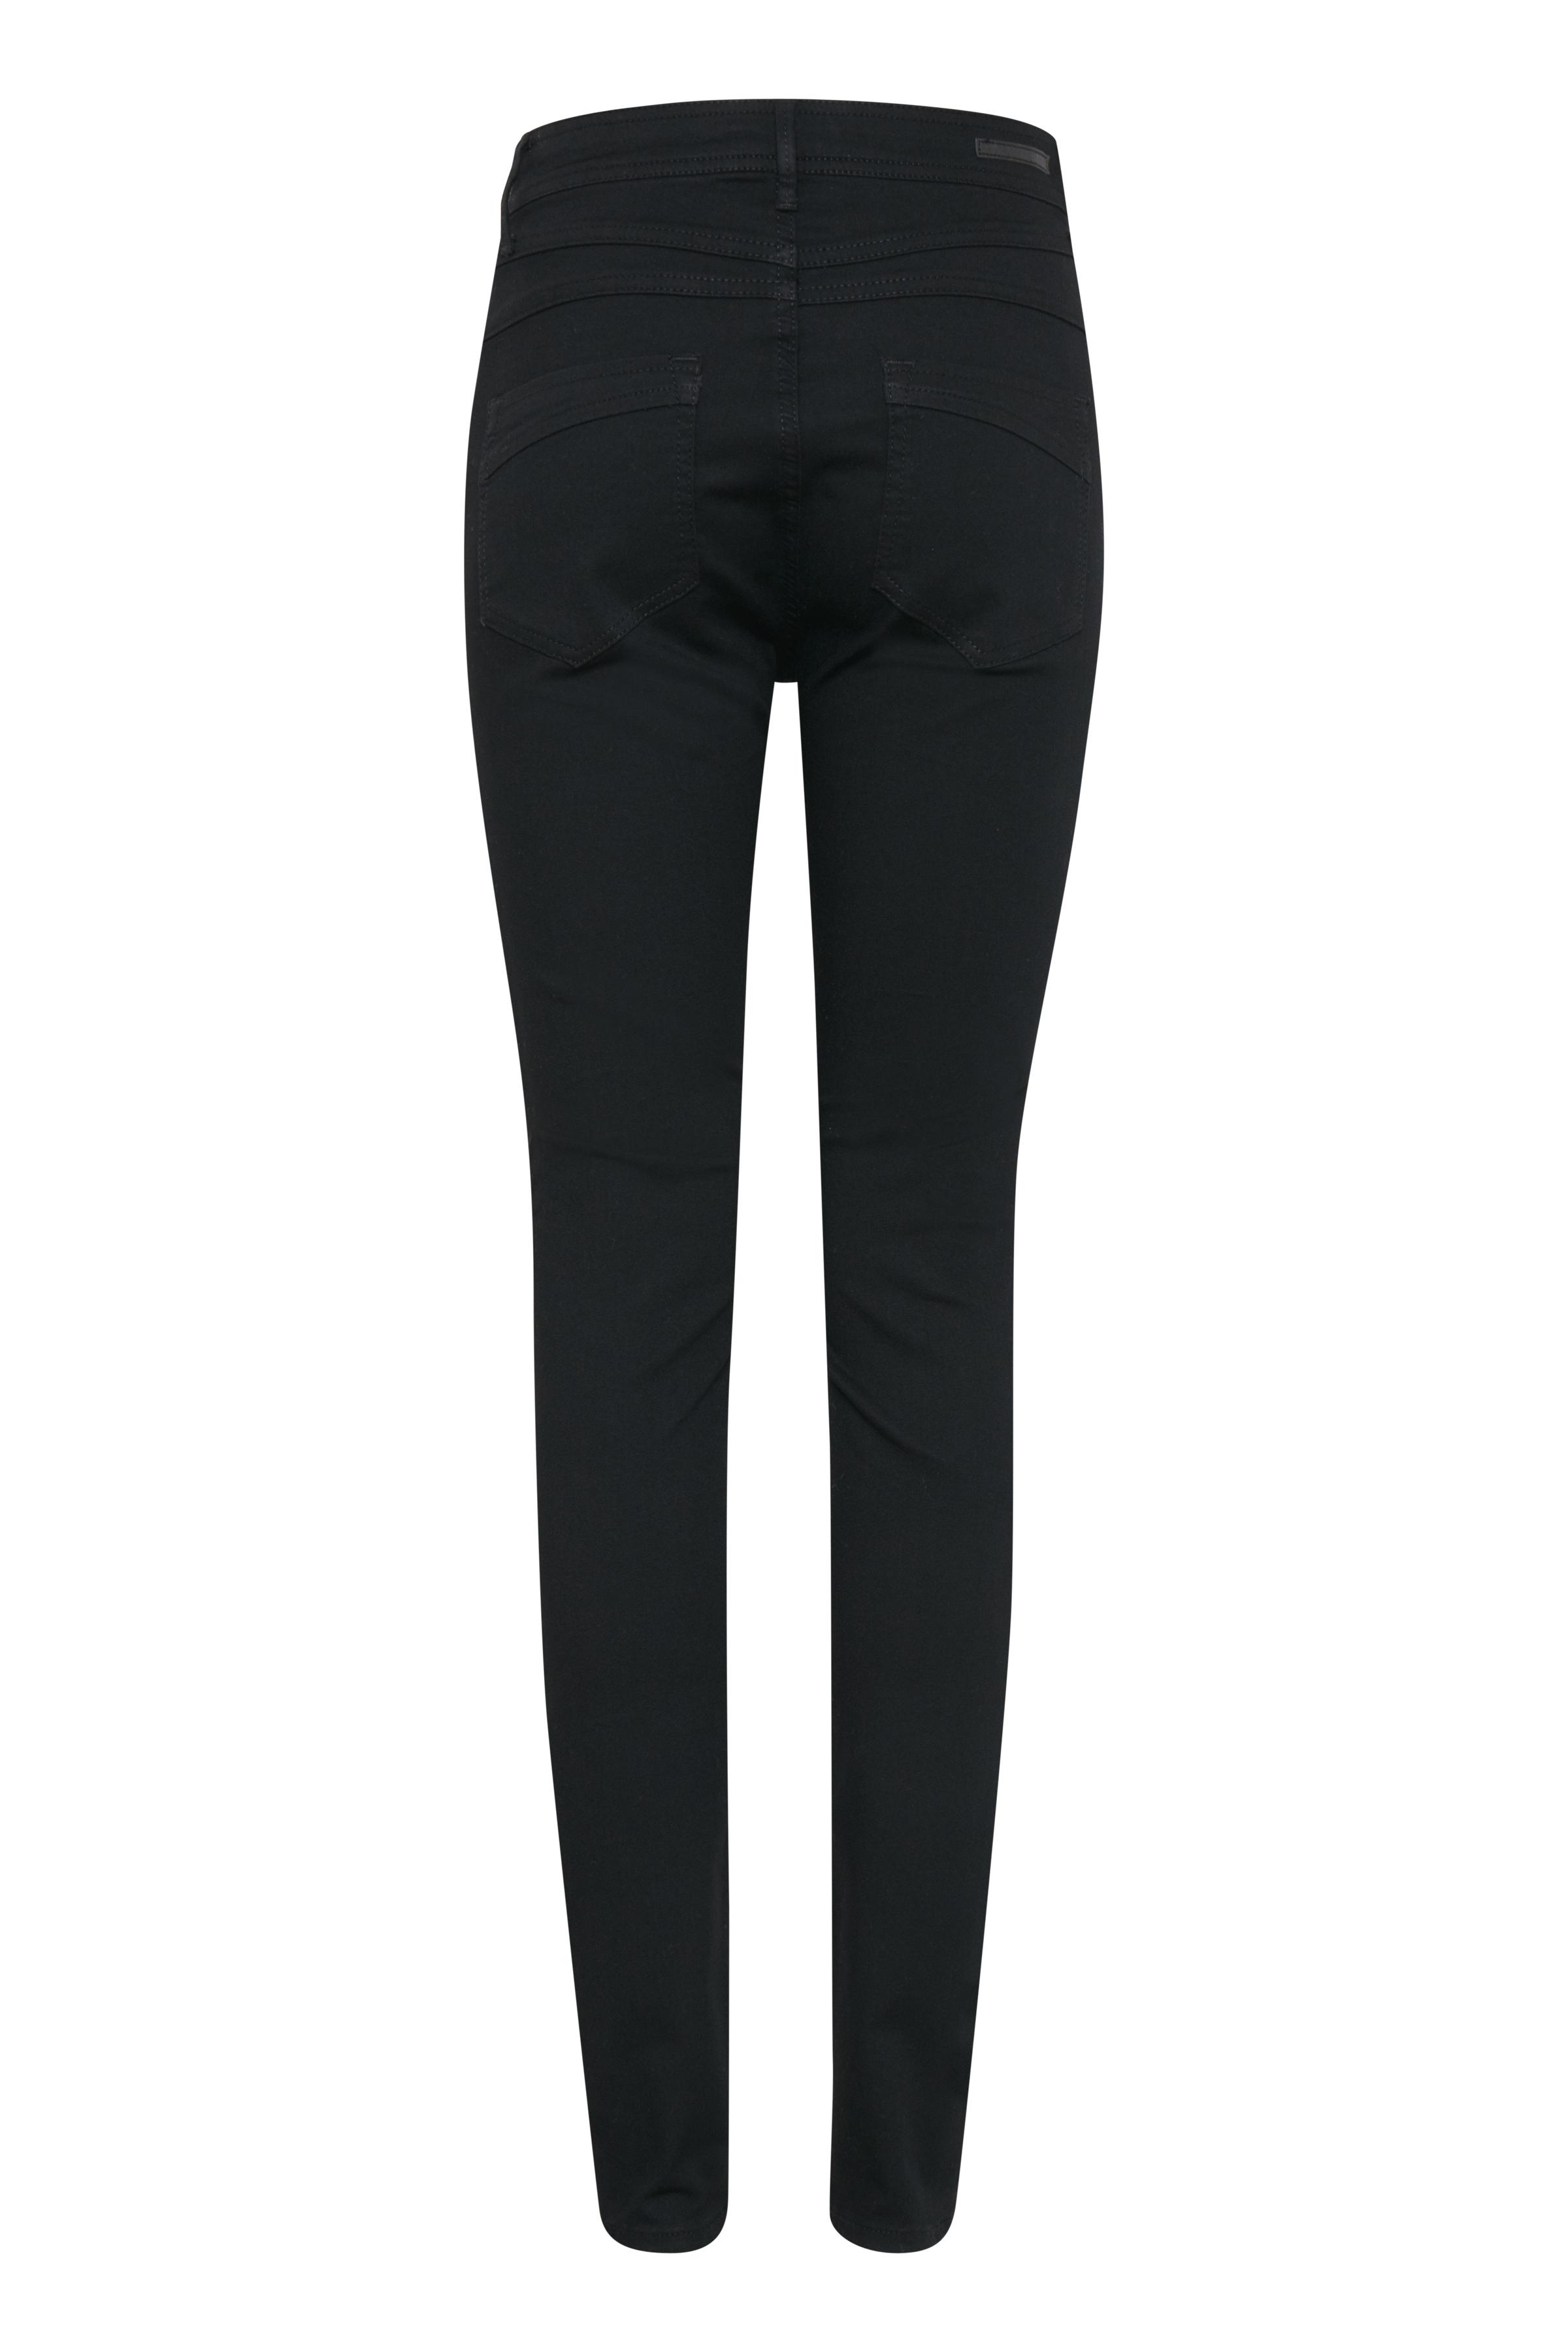 Black Jeans von b.young – Kaufen Sie Black Jeans aus Größe 25-36 hier